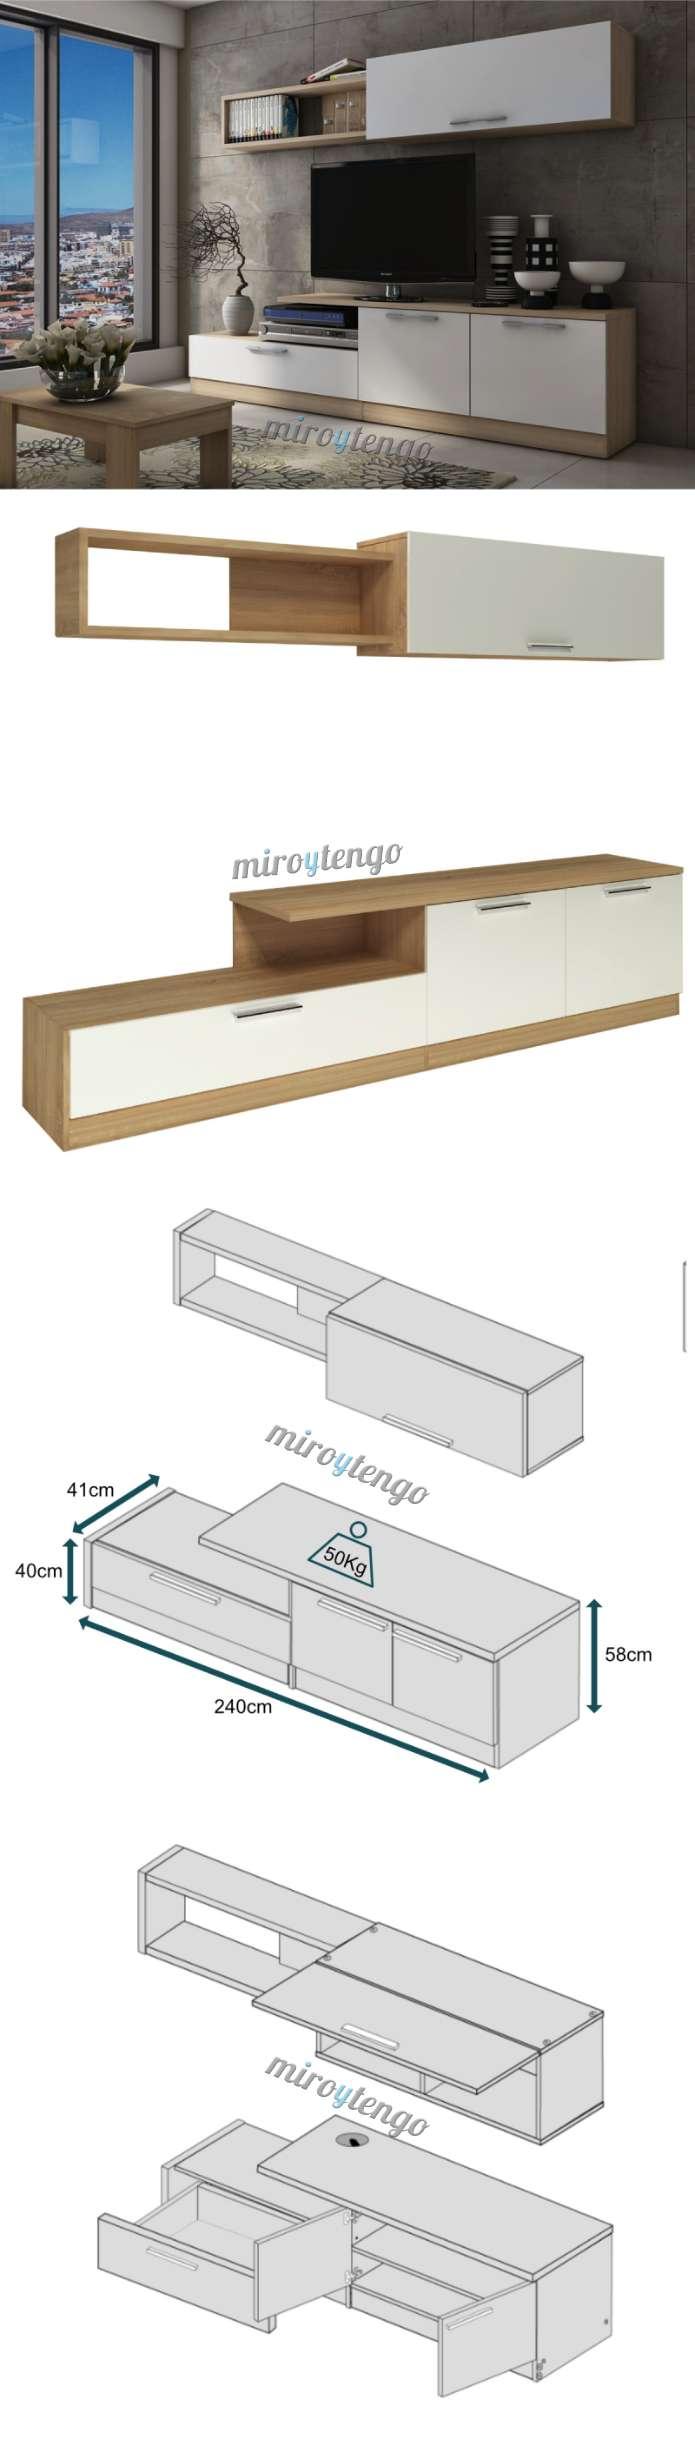 Mueble completo compacto de tv para salon comedor color for Mueble compacto tv